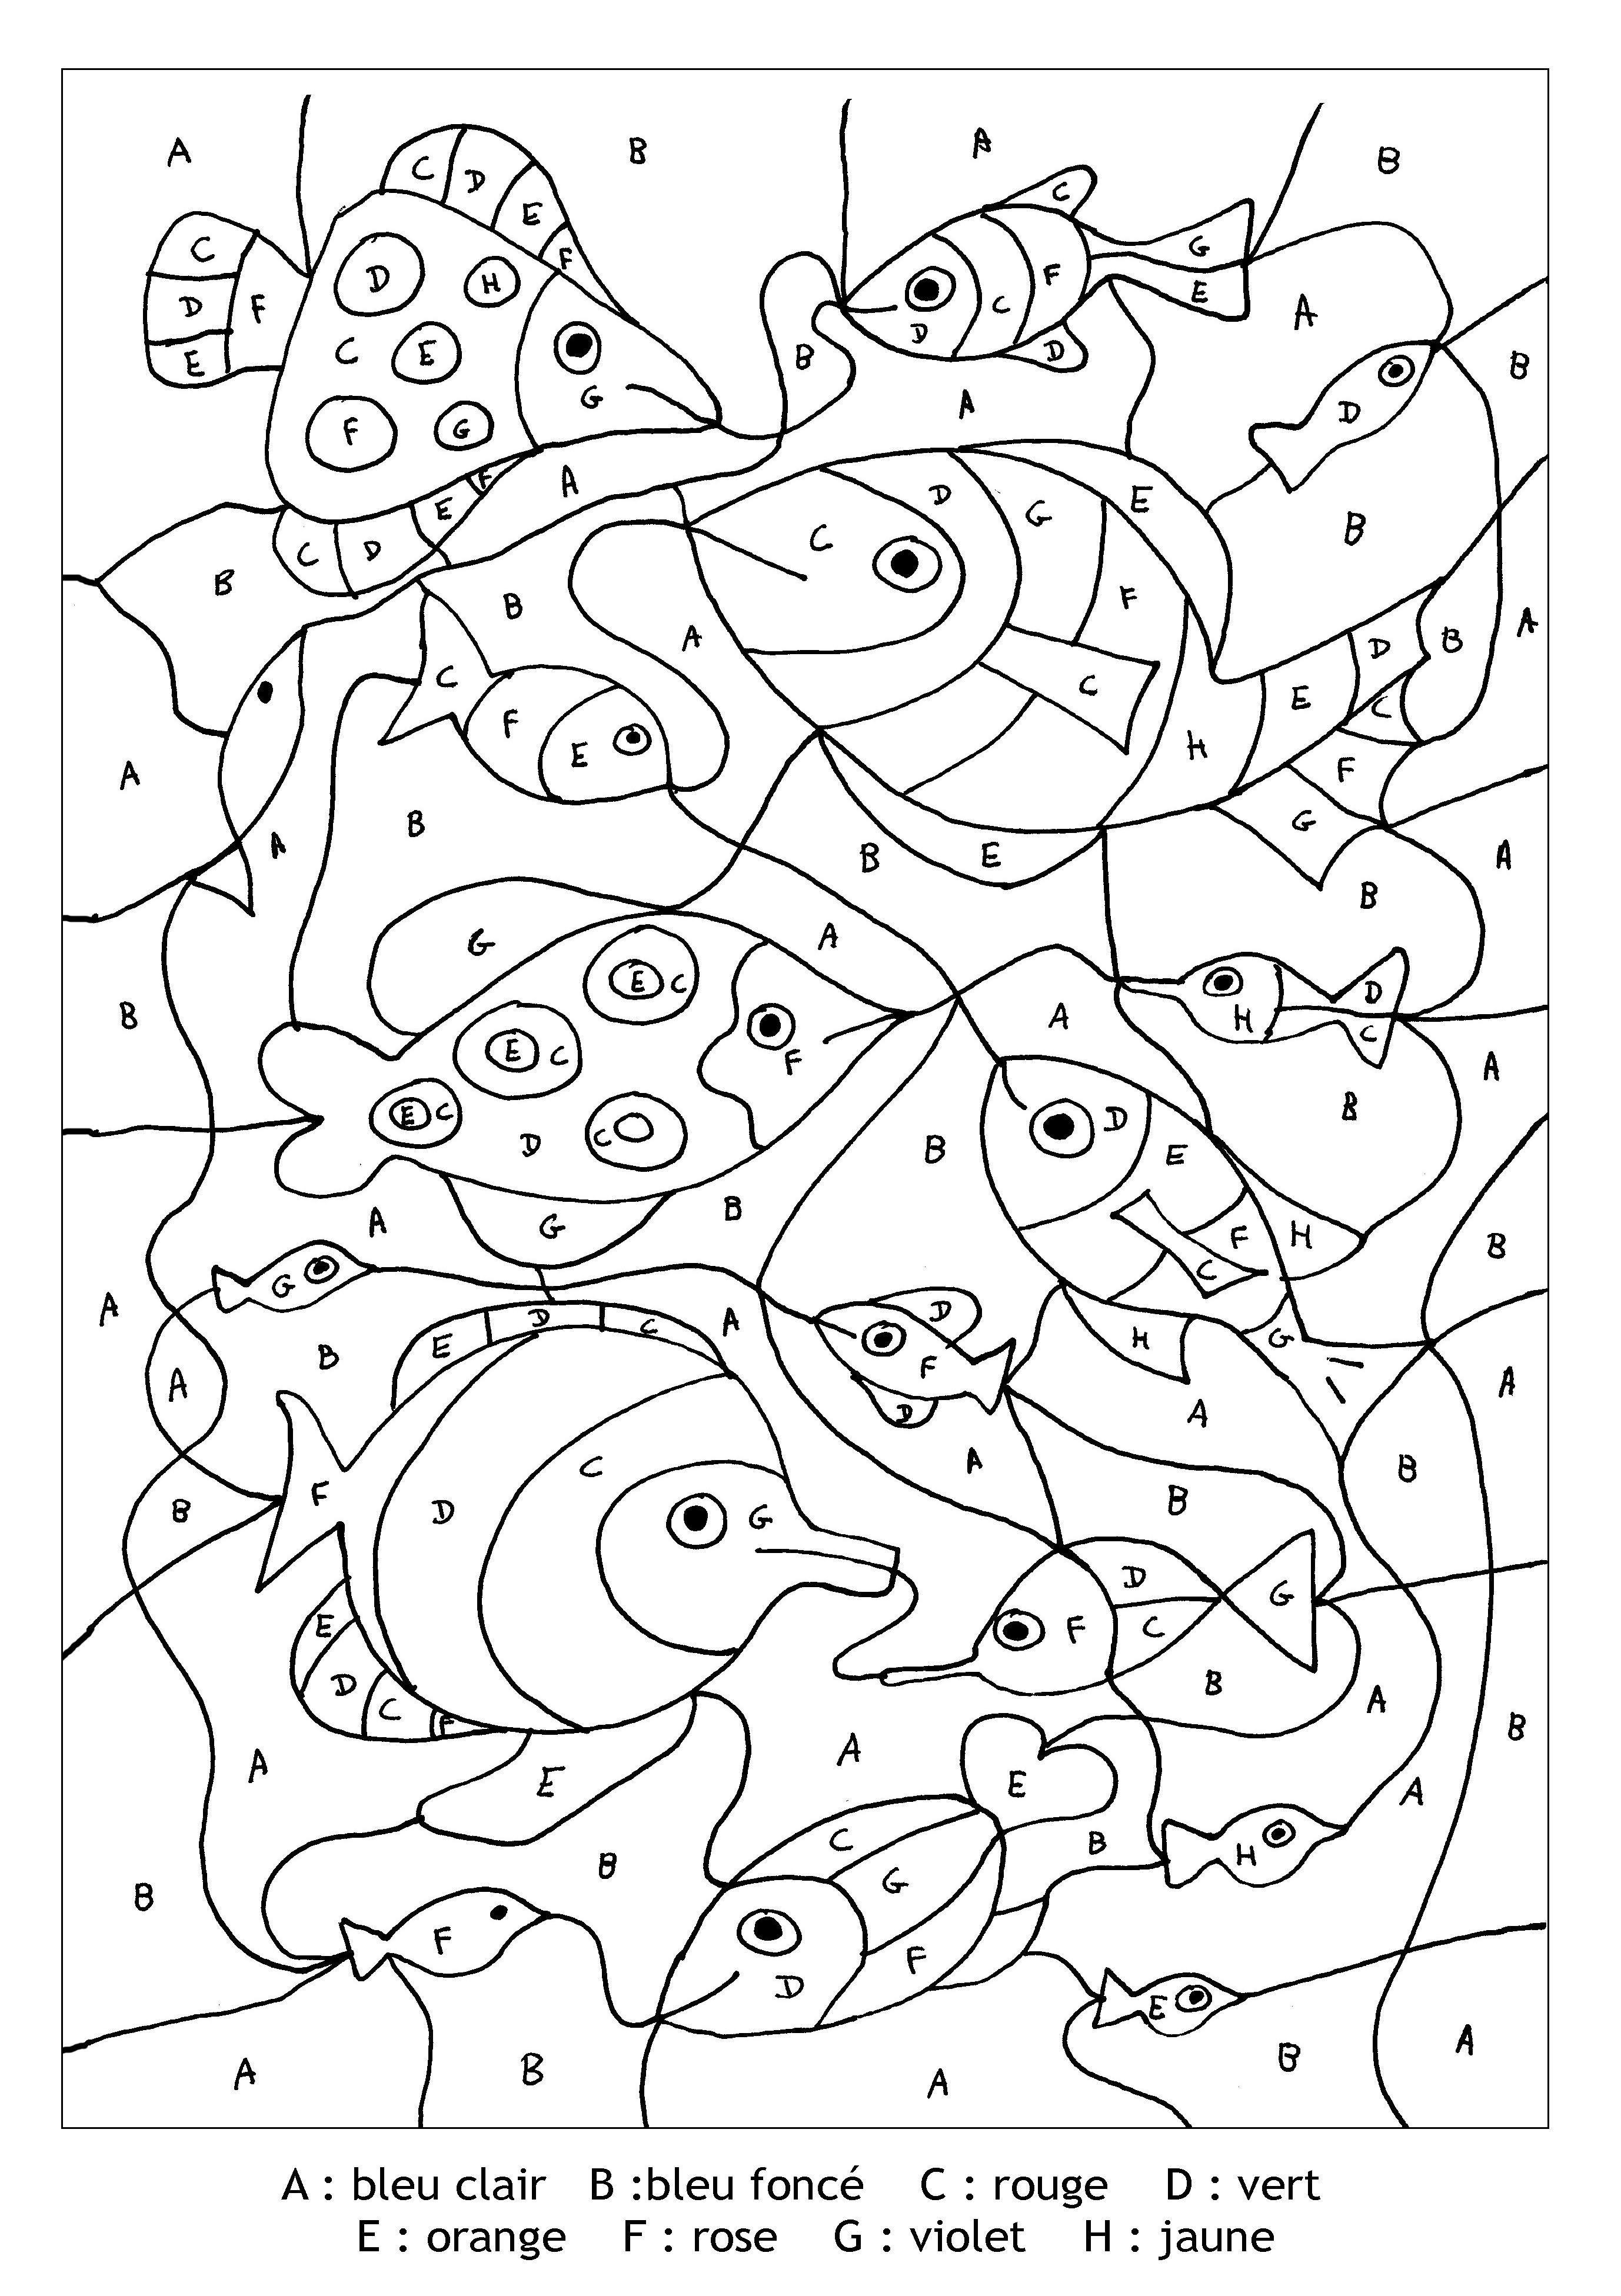 Pour Imprimer Ce Coloriage Gratuit Coloriage Magique Coloriage Magique Gs Coloriage Magique Coloriage Magique A Imprimer